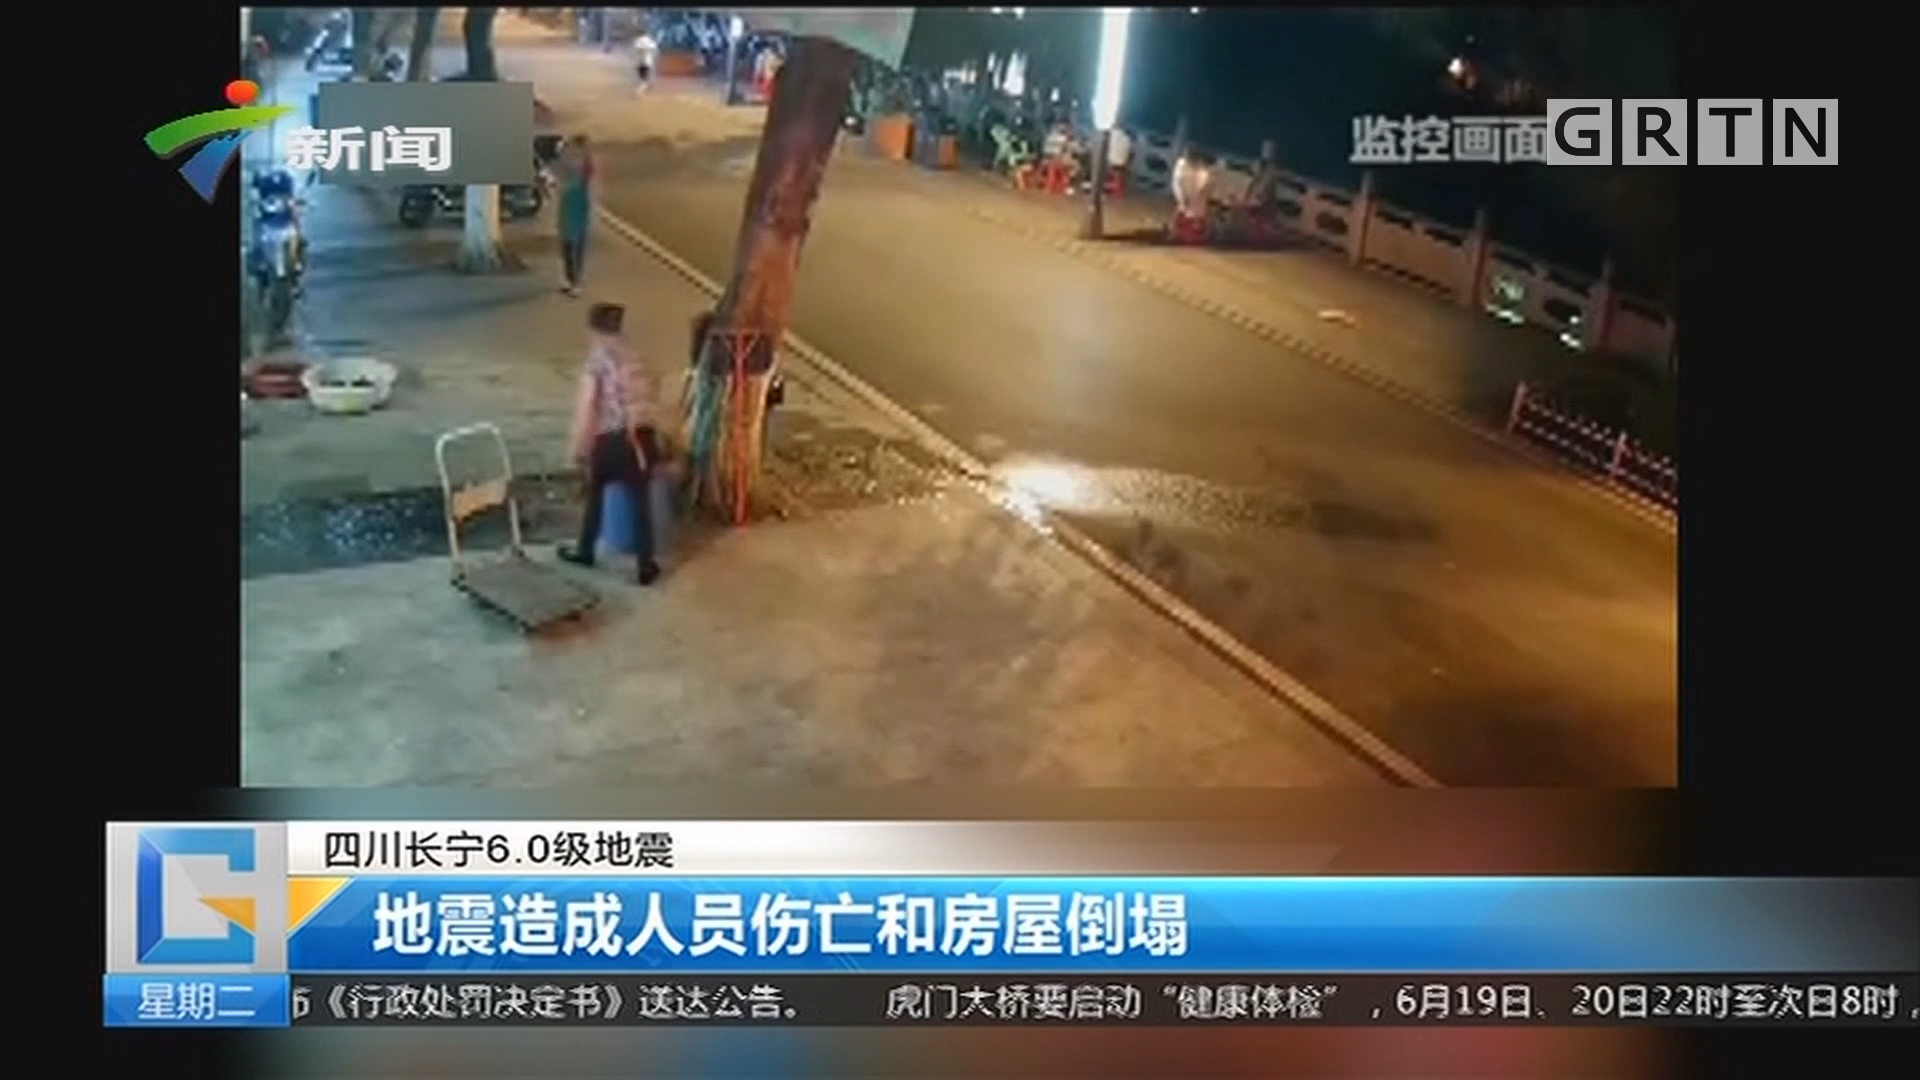 四川长宁6.0级地震:地震造成人员伤亡和房屋倒塌